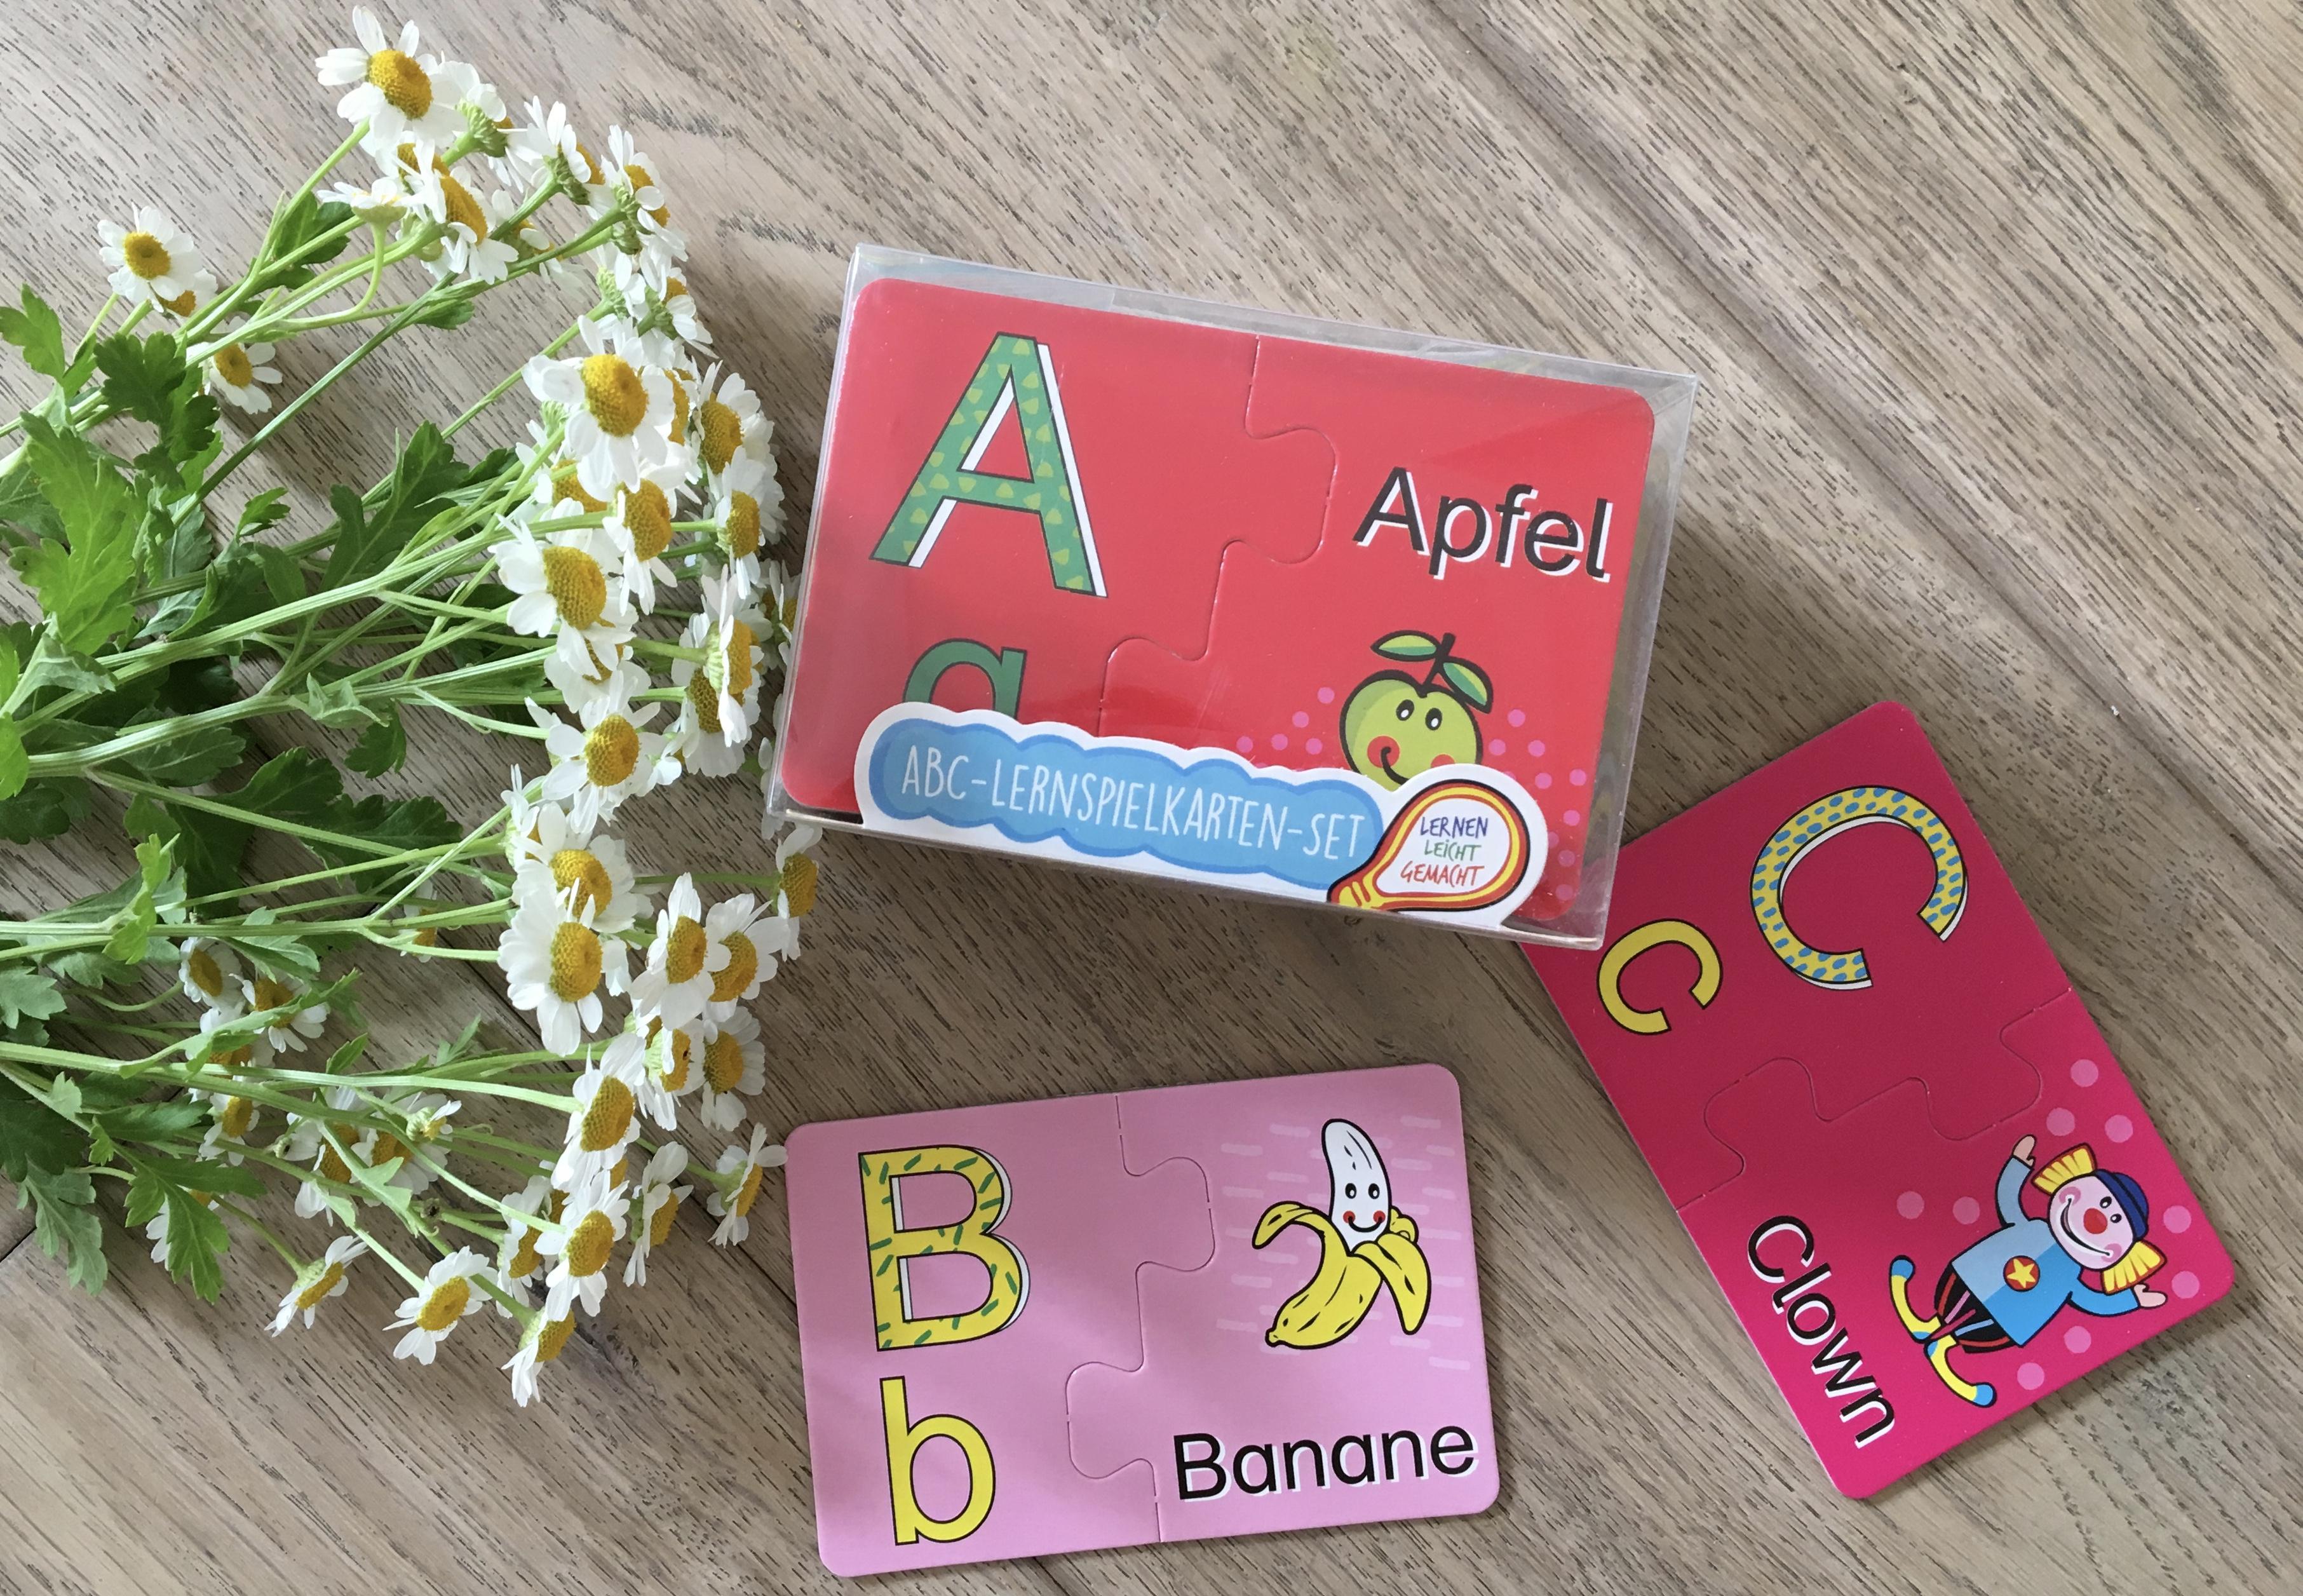 ABC-Lernspielkarten-Set von Trendhouse